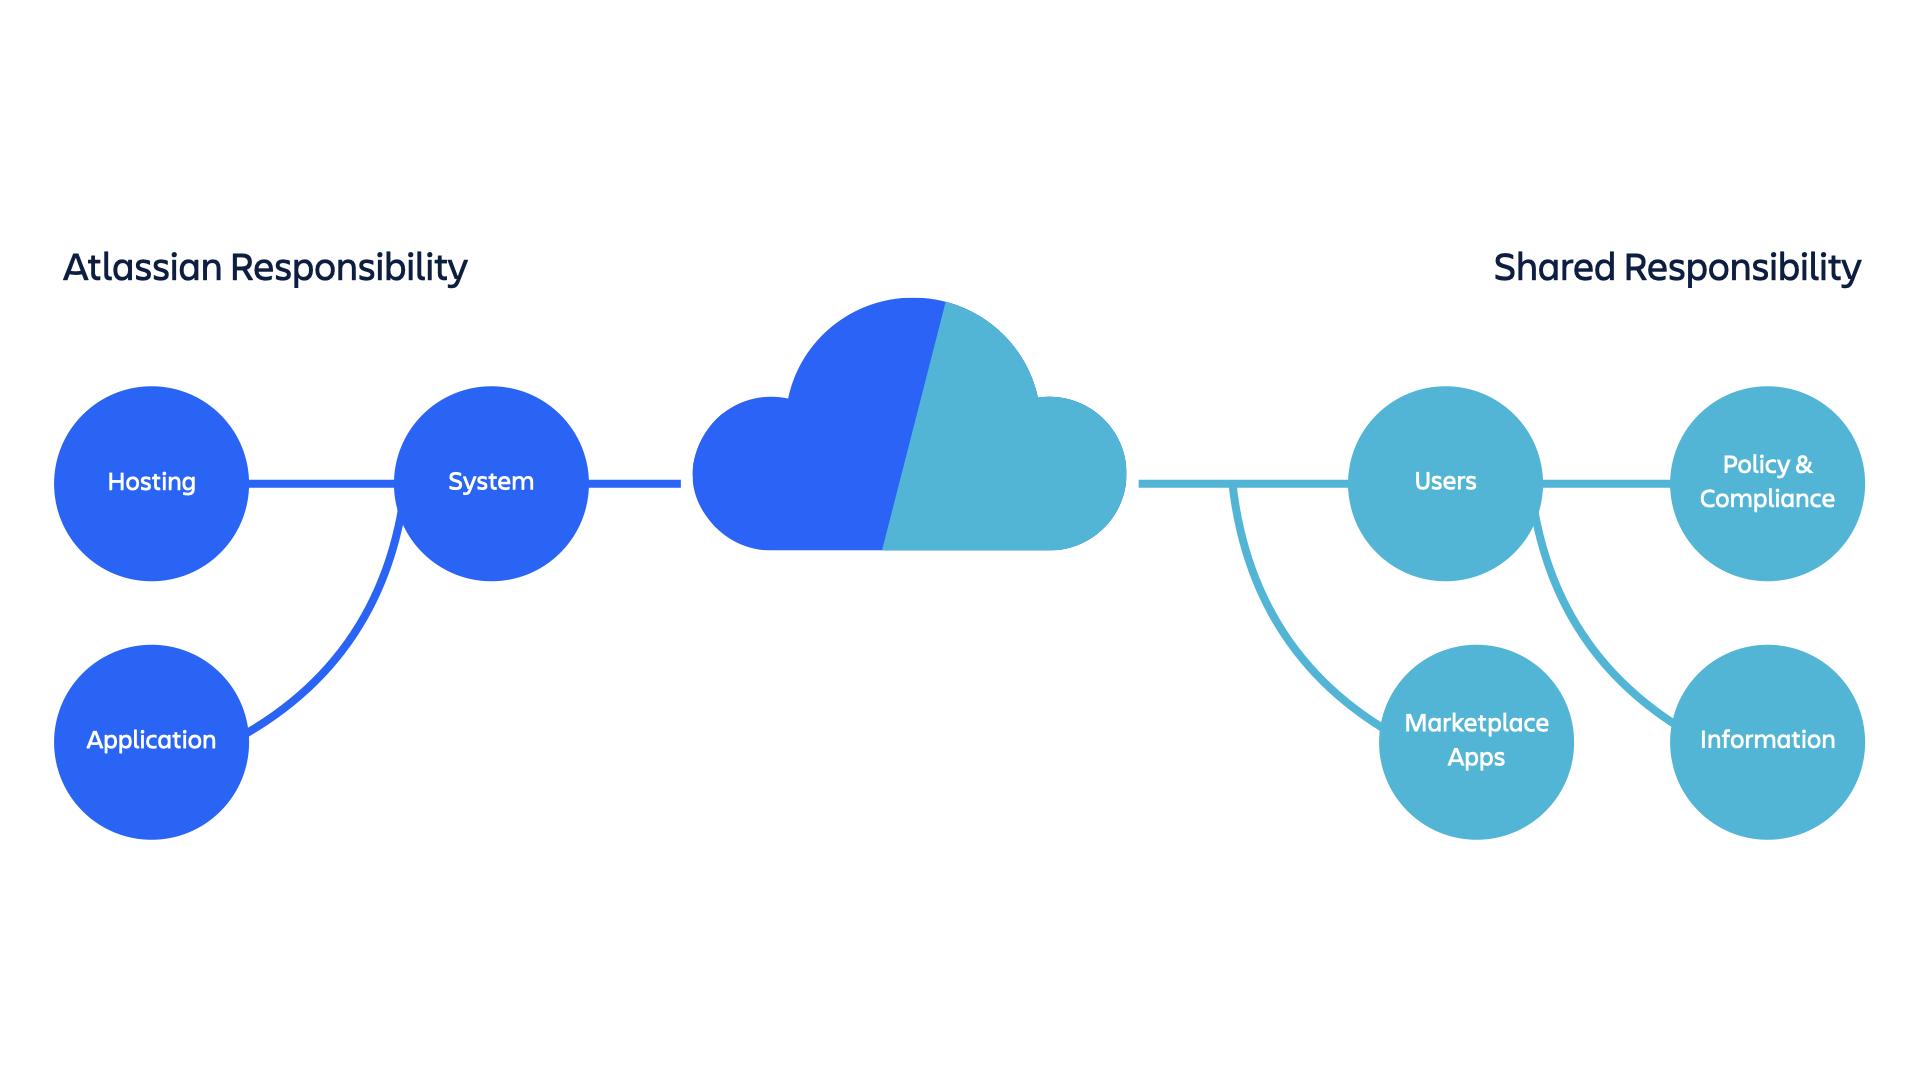 Схема зон ответственности Atlassian и общей ответственности